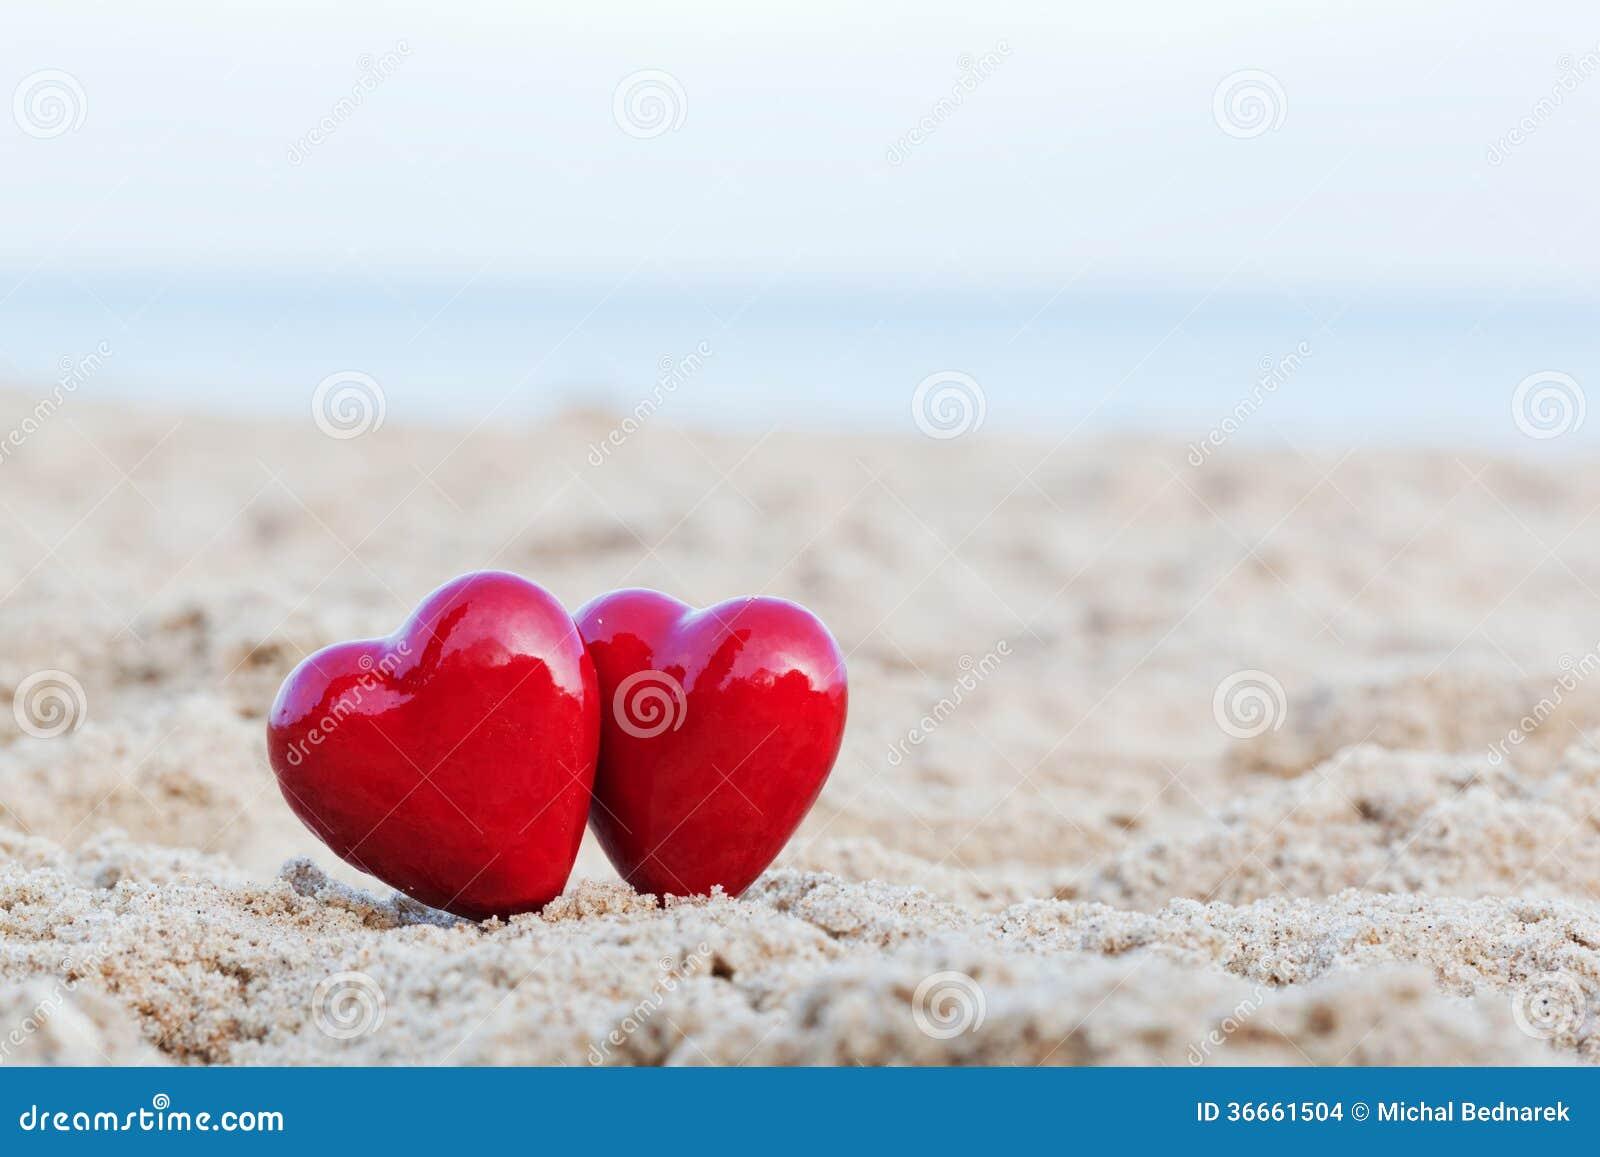 Dois corações vermelhos na praia. Amor